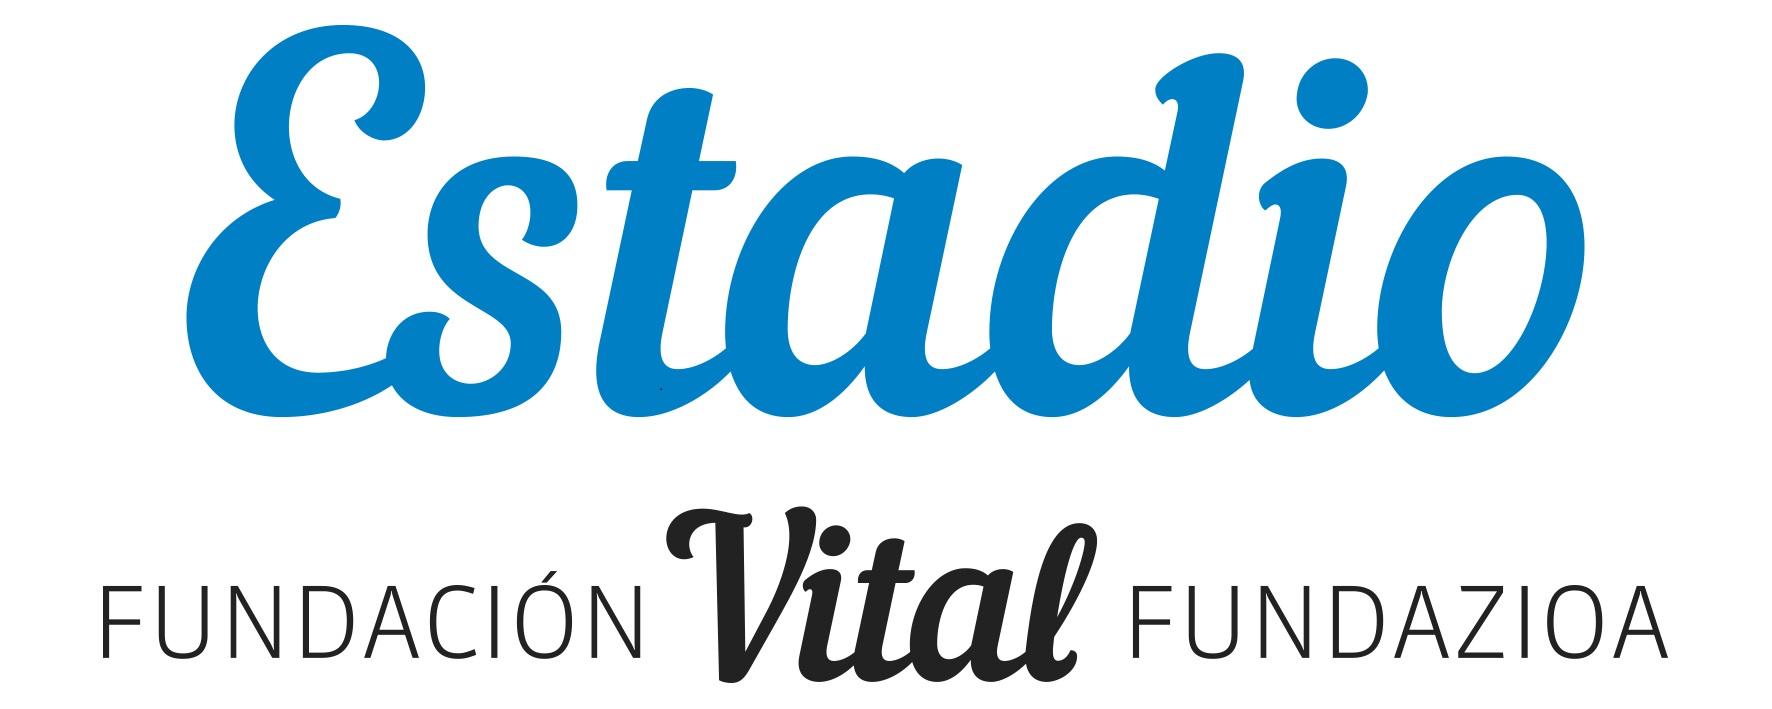 Estadio Logo Color